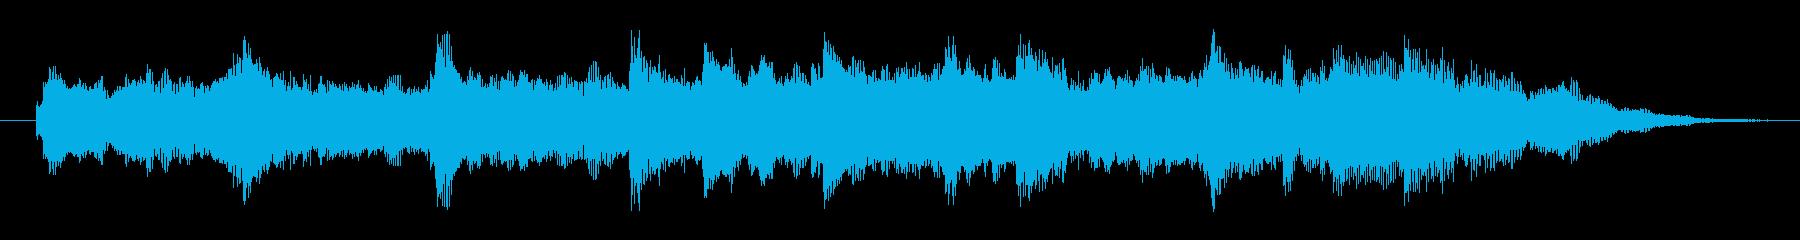 コーポレート ほのぼの 幸せ ロマ...の再生済みの波形